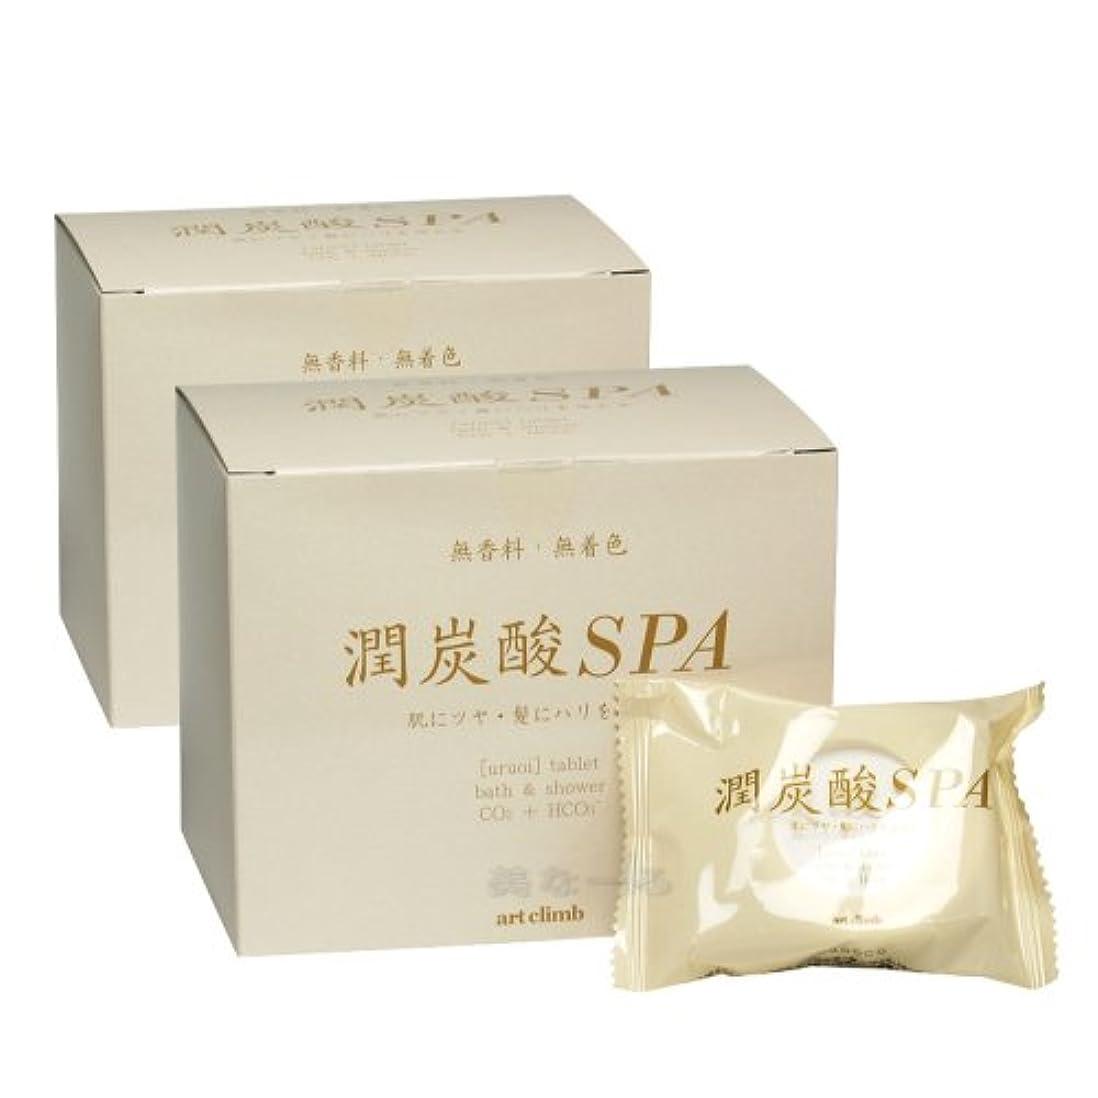 気楽なゴールランダム潤炭酸SPA BS (炭酸泉タブレット)60g×10錠入 2個セット